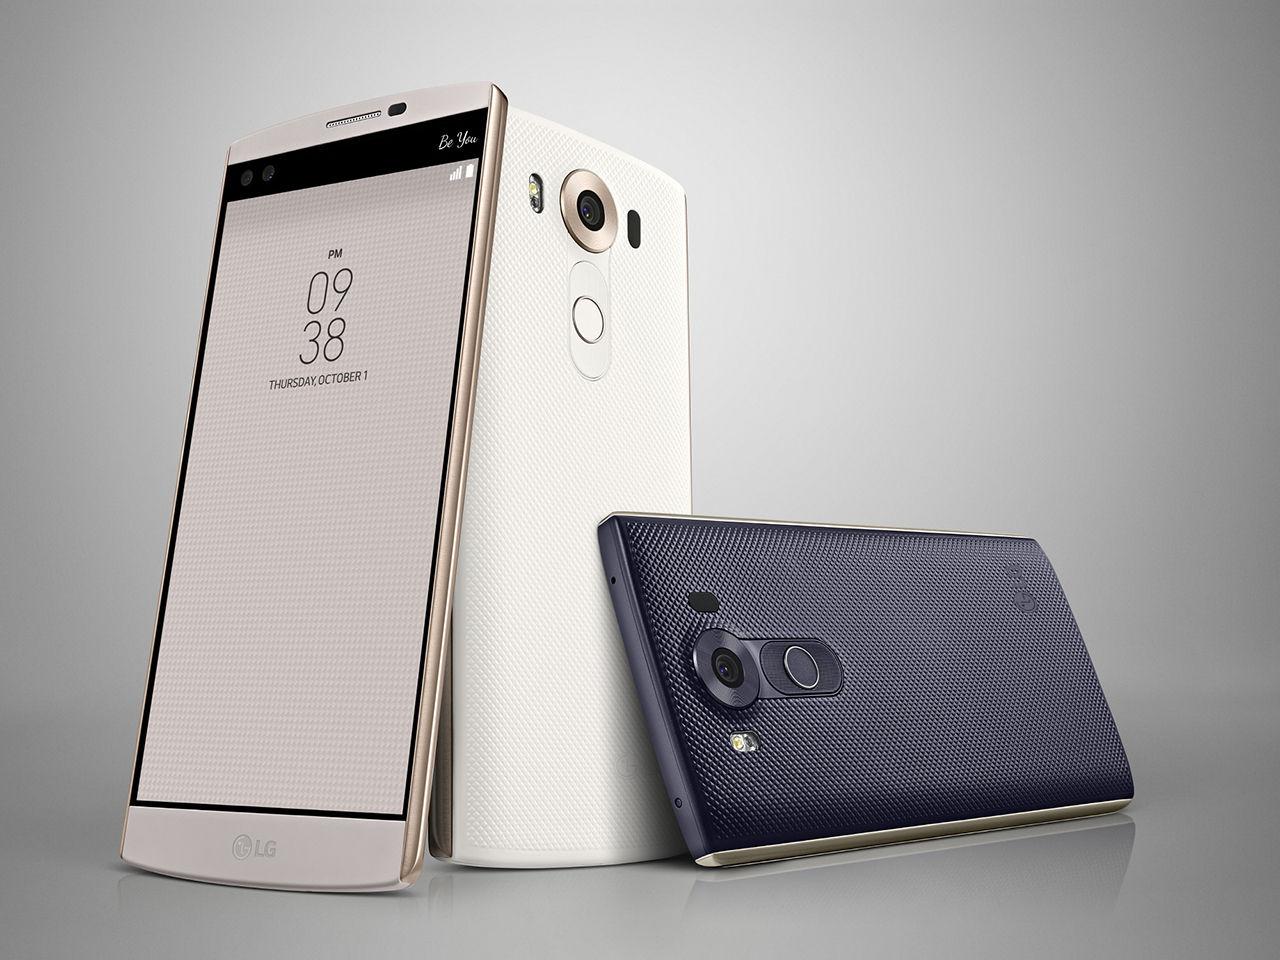 LG kommer lansera V10 i Sverige tidigt nästa år